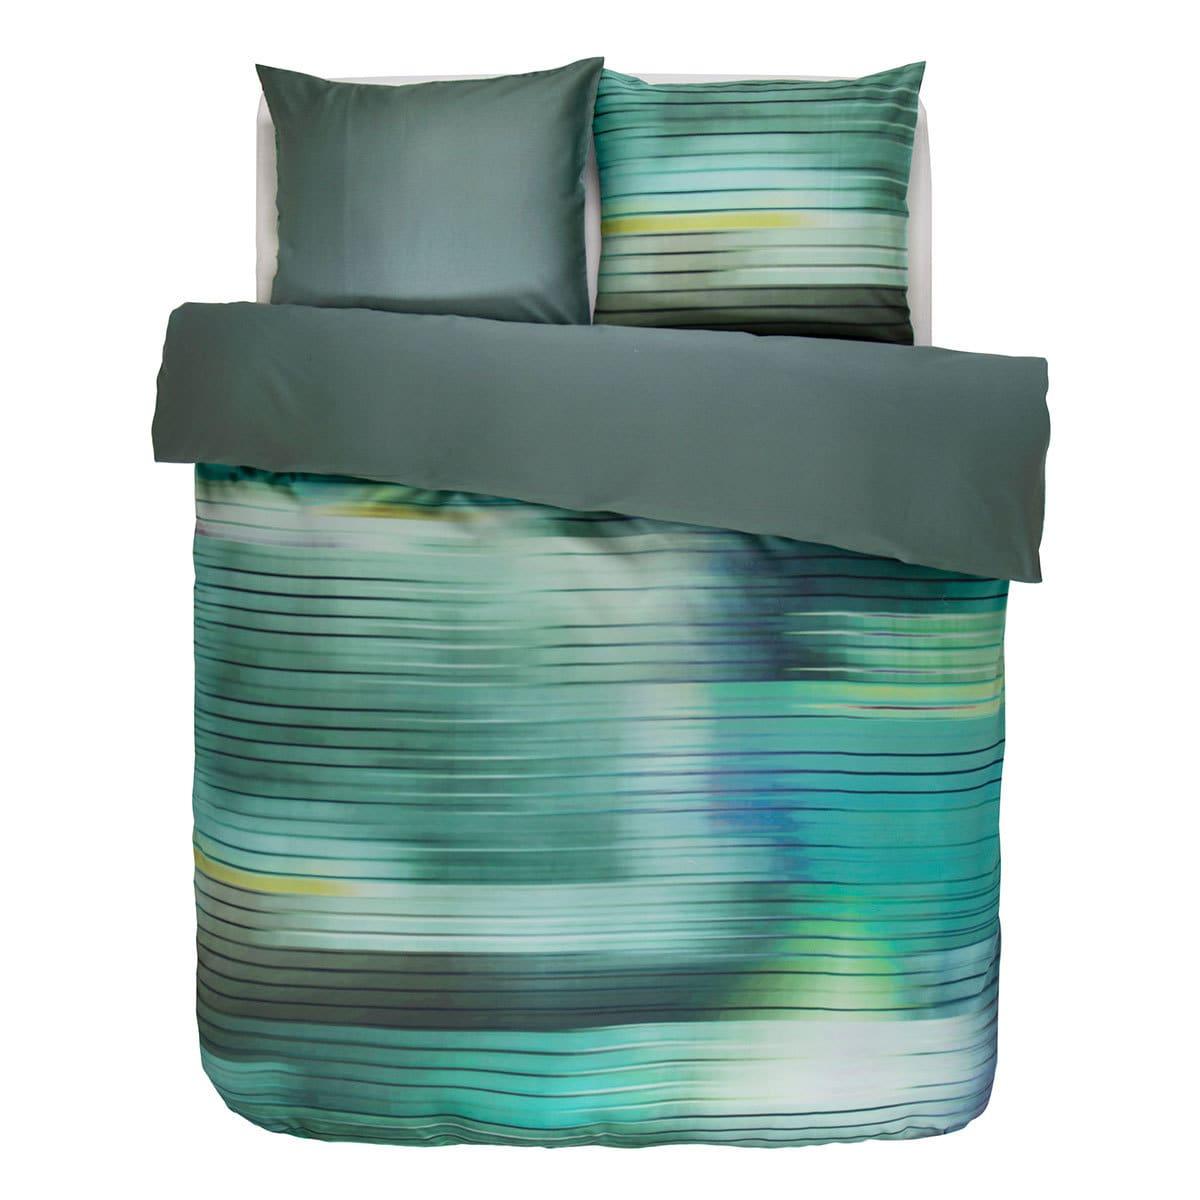 essenza mako satin bettw sche fais green g nstig online kaufen bei bettwaren shop. Black Bedroom Furniture Sets. Home Design Ideas